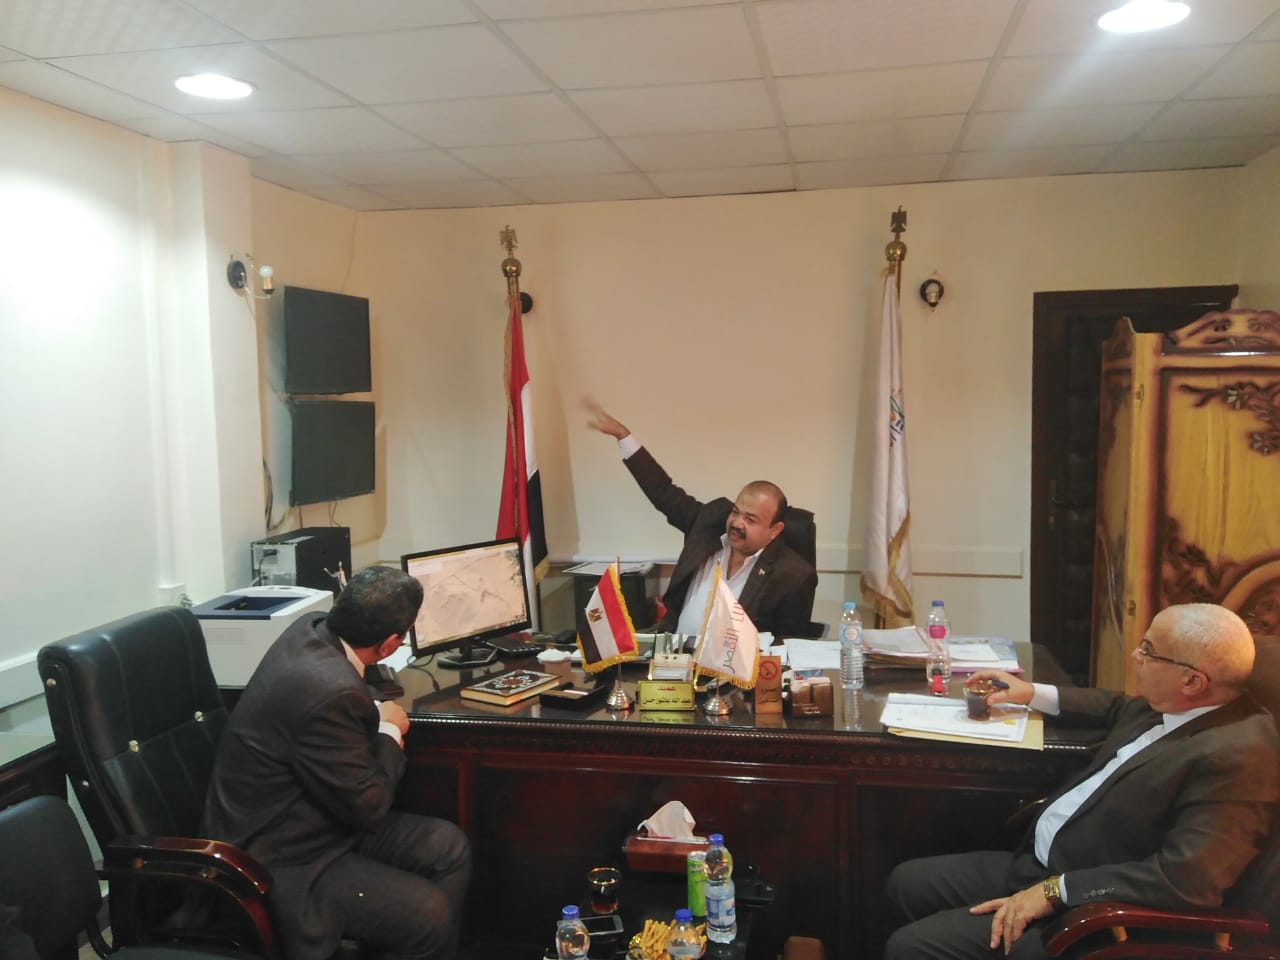 رئيس مدينة أرمنت يلتقي بوفد بنك التعمير والإسكان لإعداد تقارير لمشروع العمارات  (3)